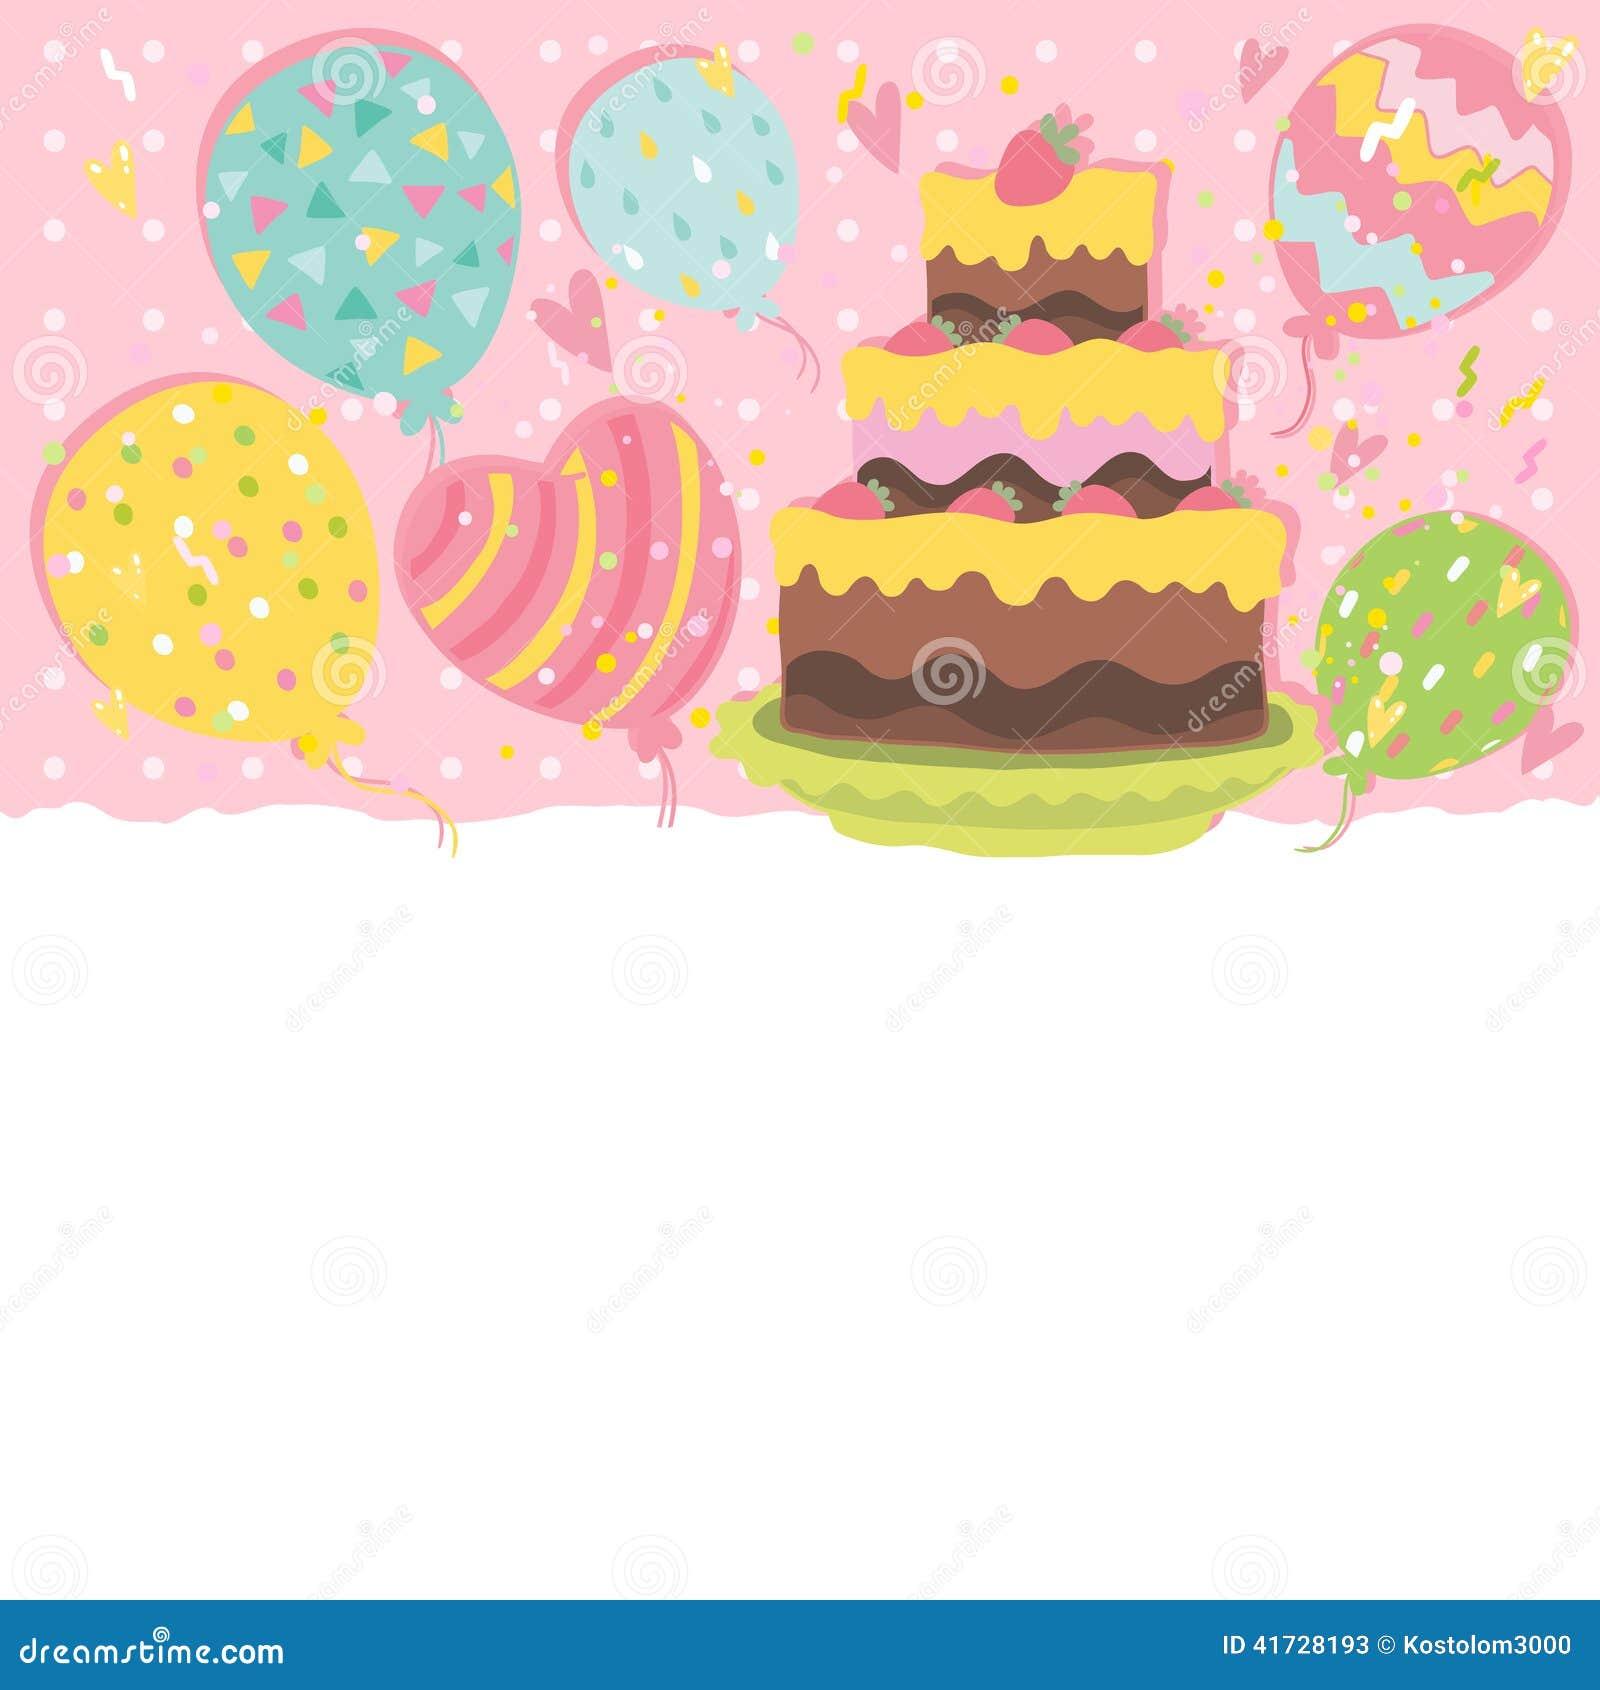 Fundo Do Cartão Do Feliz Aniversario Com Bolo Ilustração do Vetor ... 54a9532b24a0e